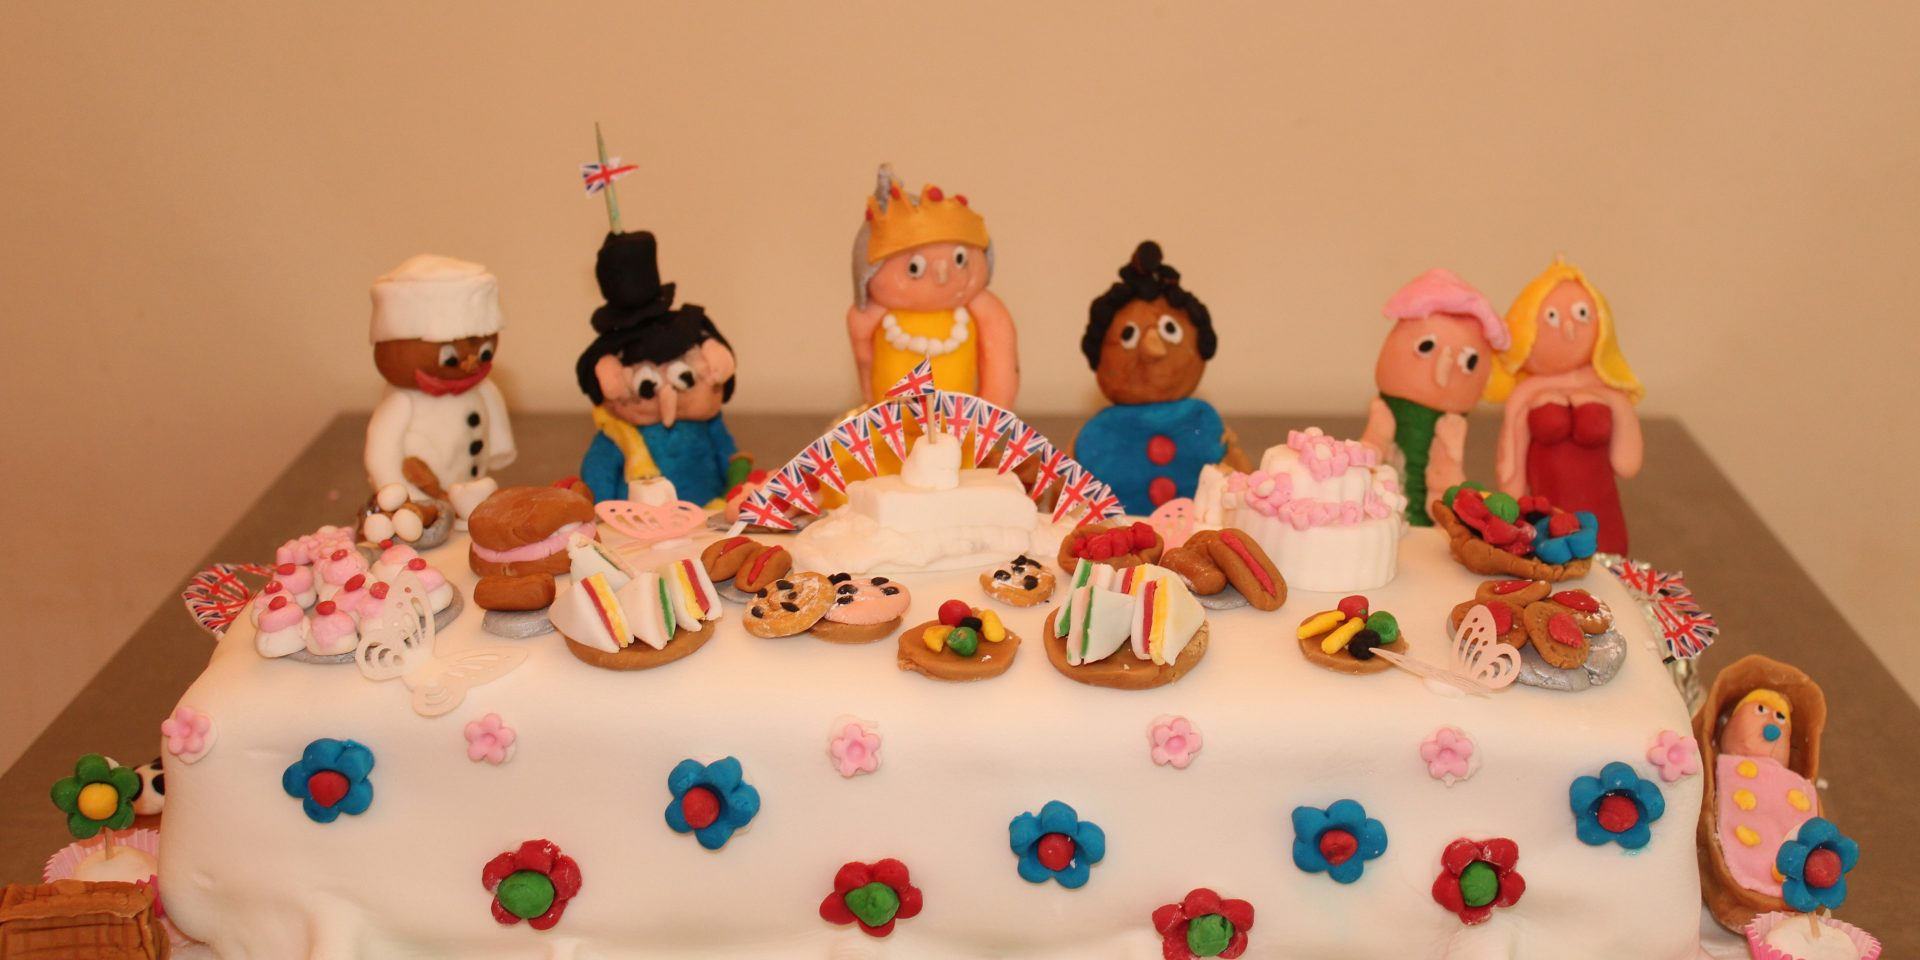 Borovere Care Home in Alton wins Unilever's Cake Challenge